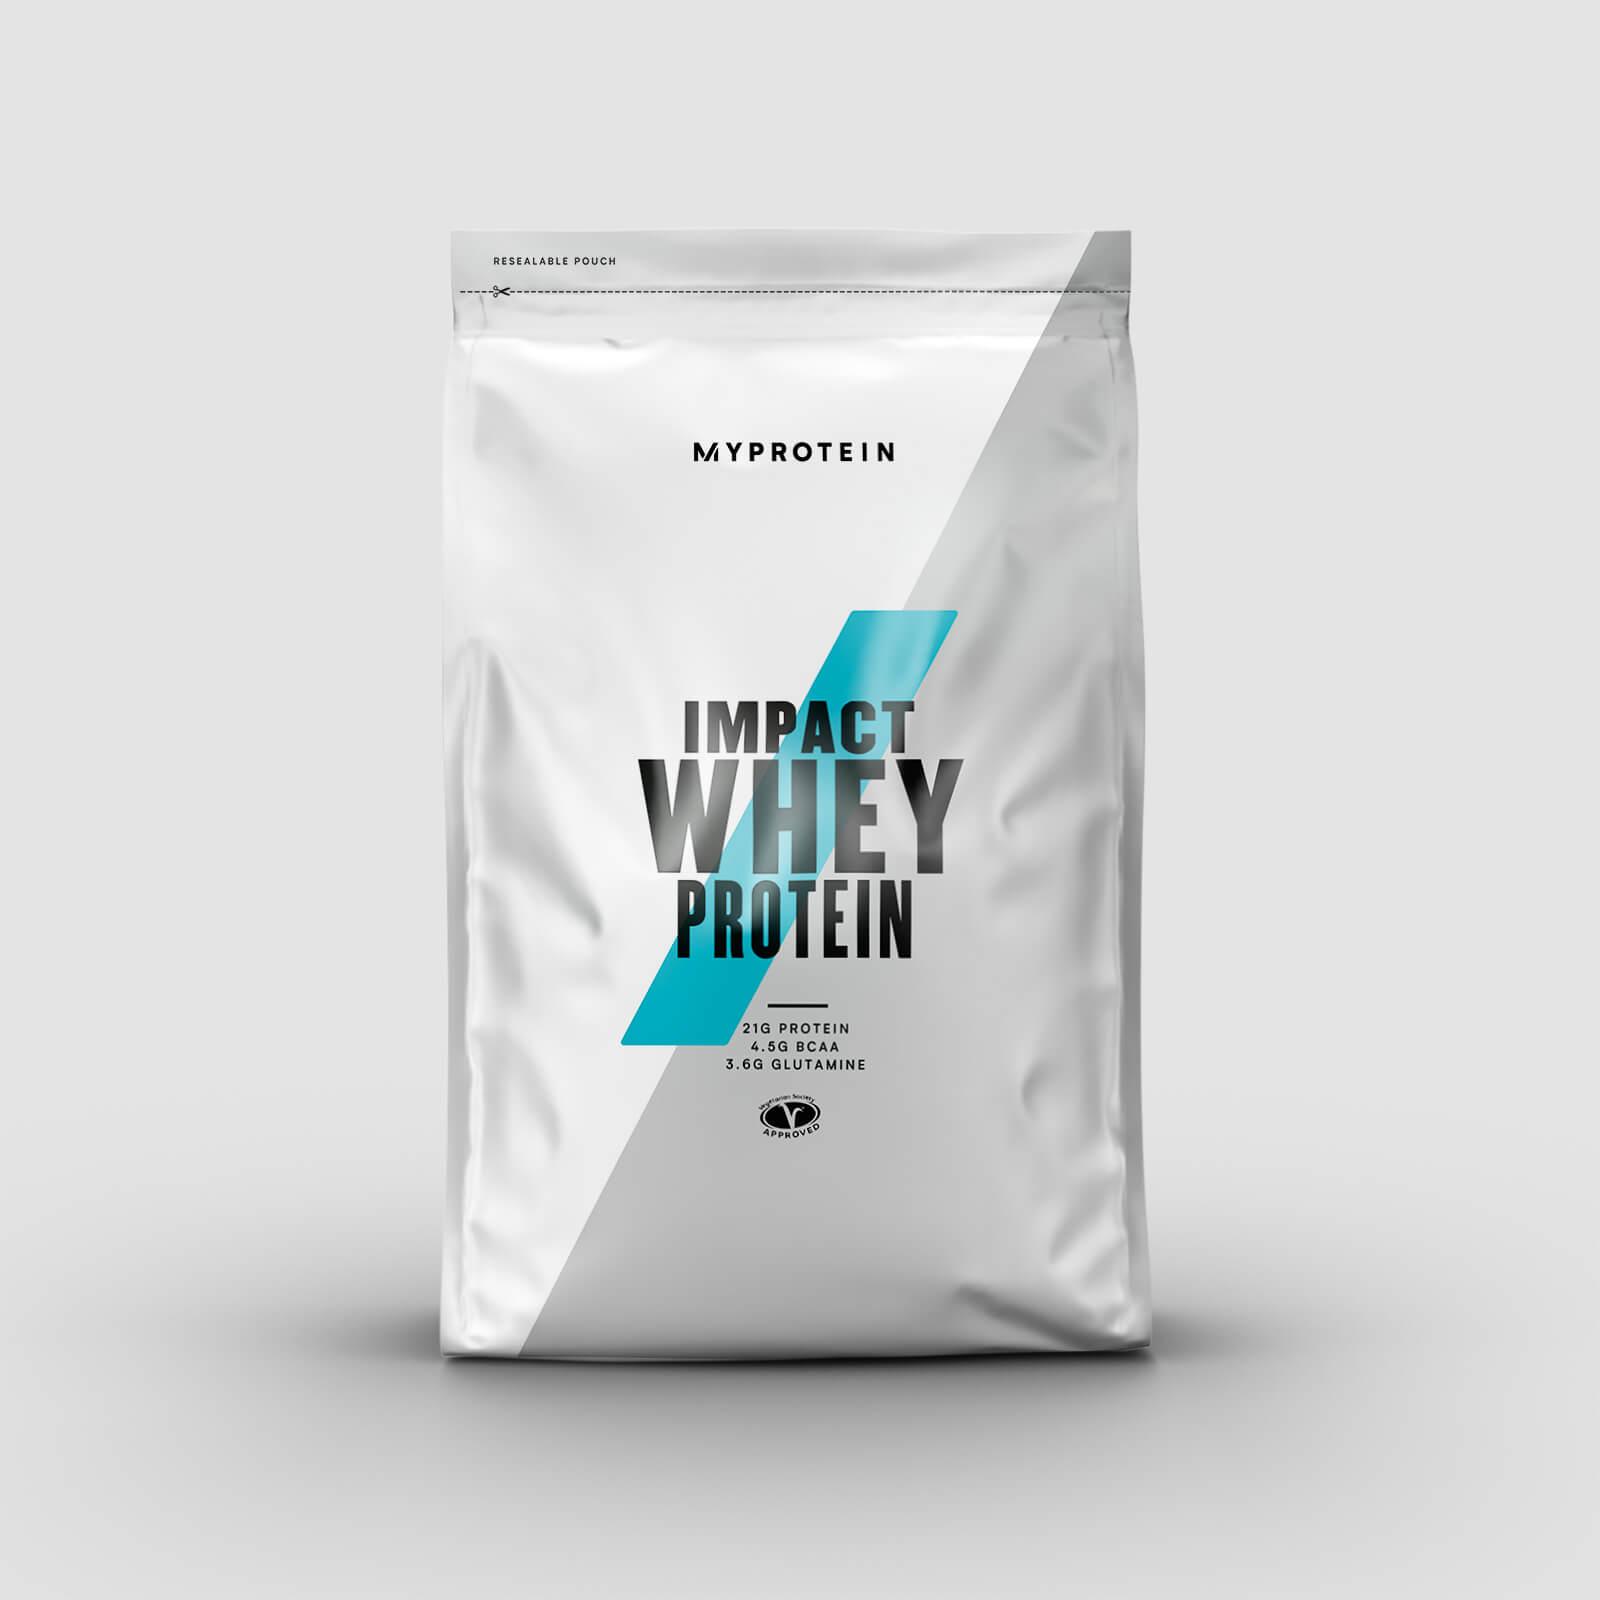 Myprotein Impact Whey Protein 250g - 250g - Chocolate Brownie